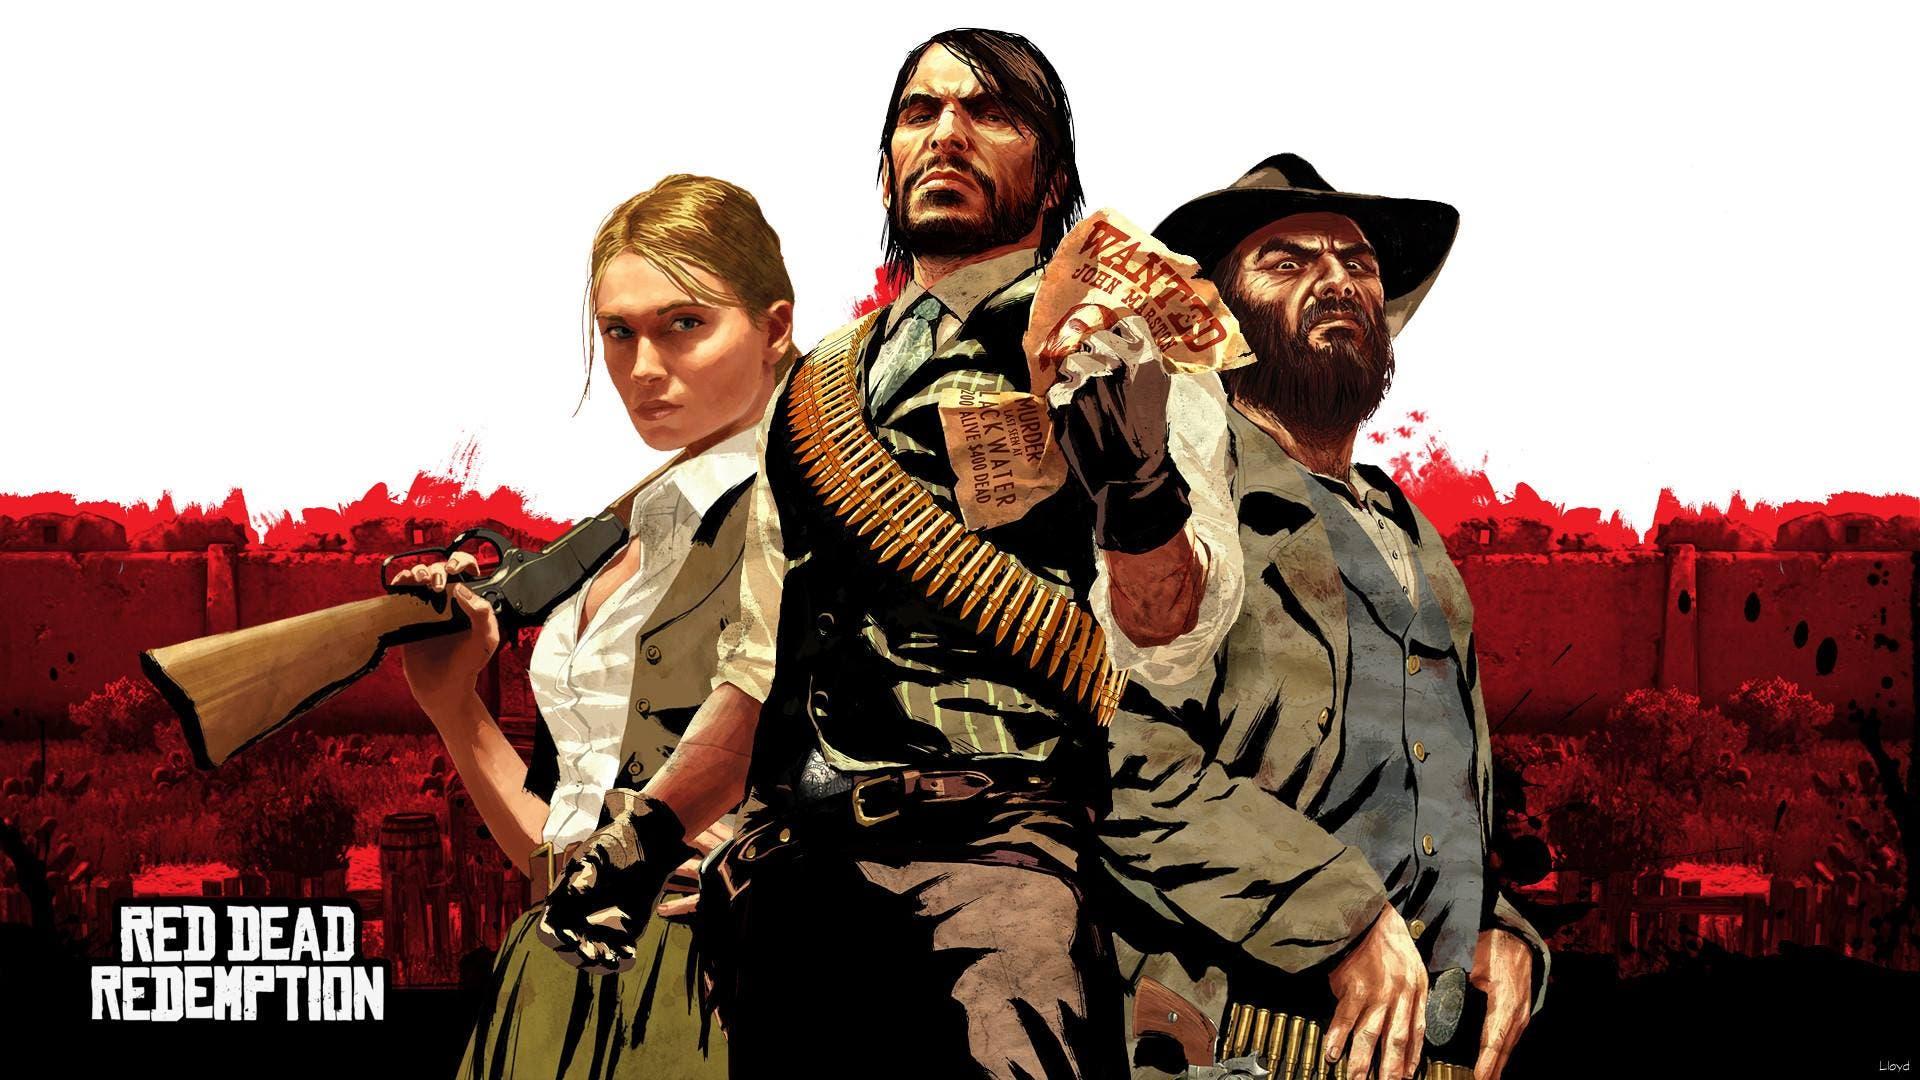 El remake de Red Dead Redemption se lanzaría a principios del año 2021 en Xbox Series X y PS5